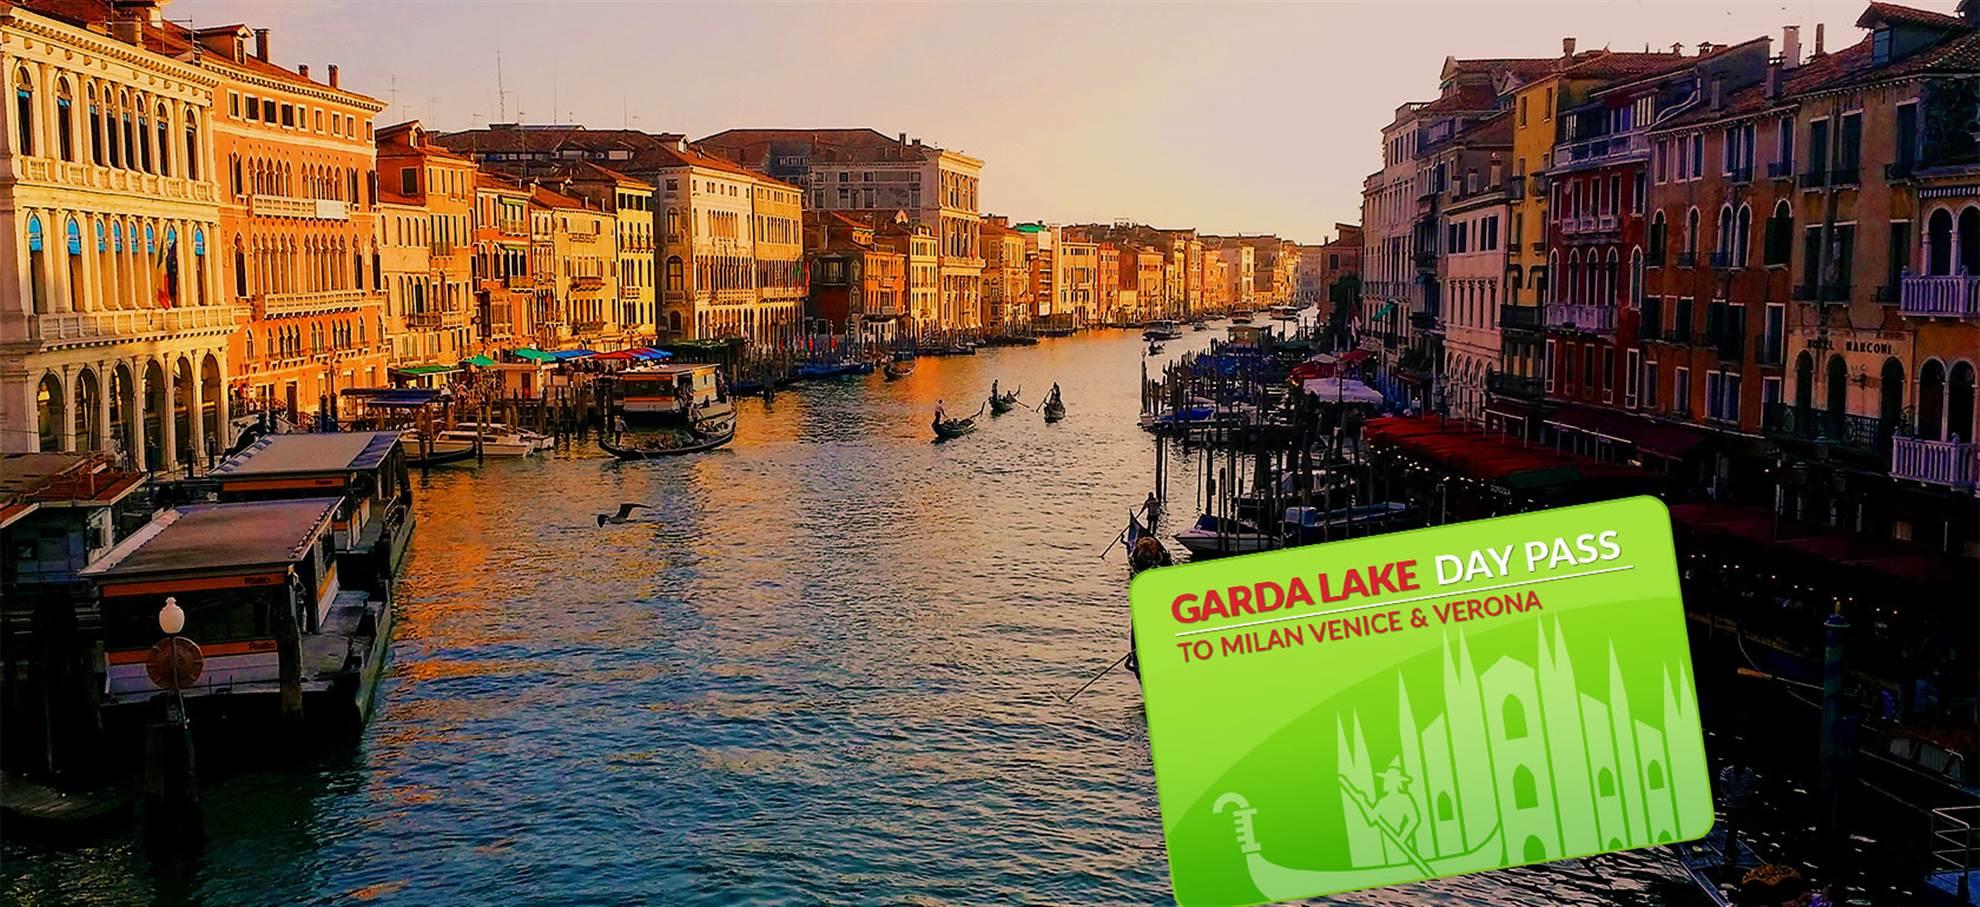 Проездной билет на один день Озеро Гарда – Милан/Венеция/Верона